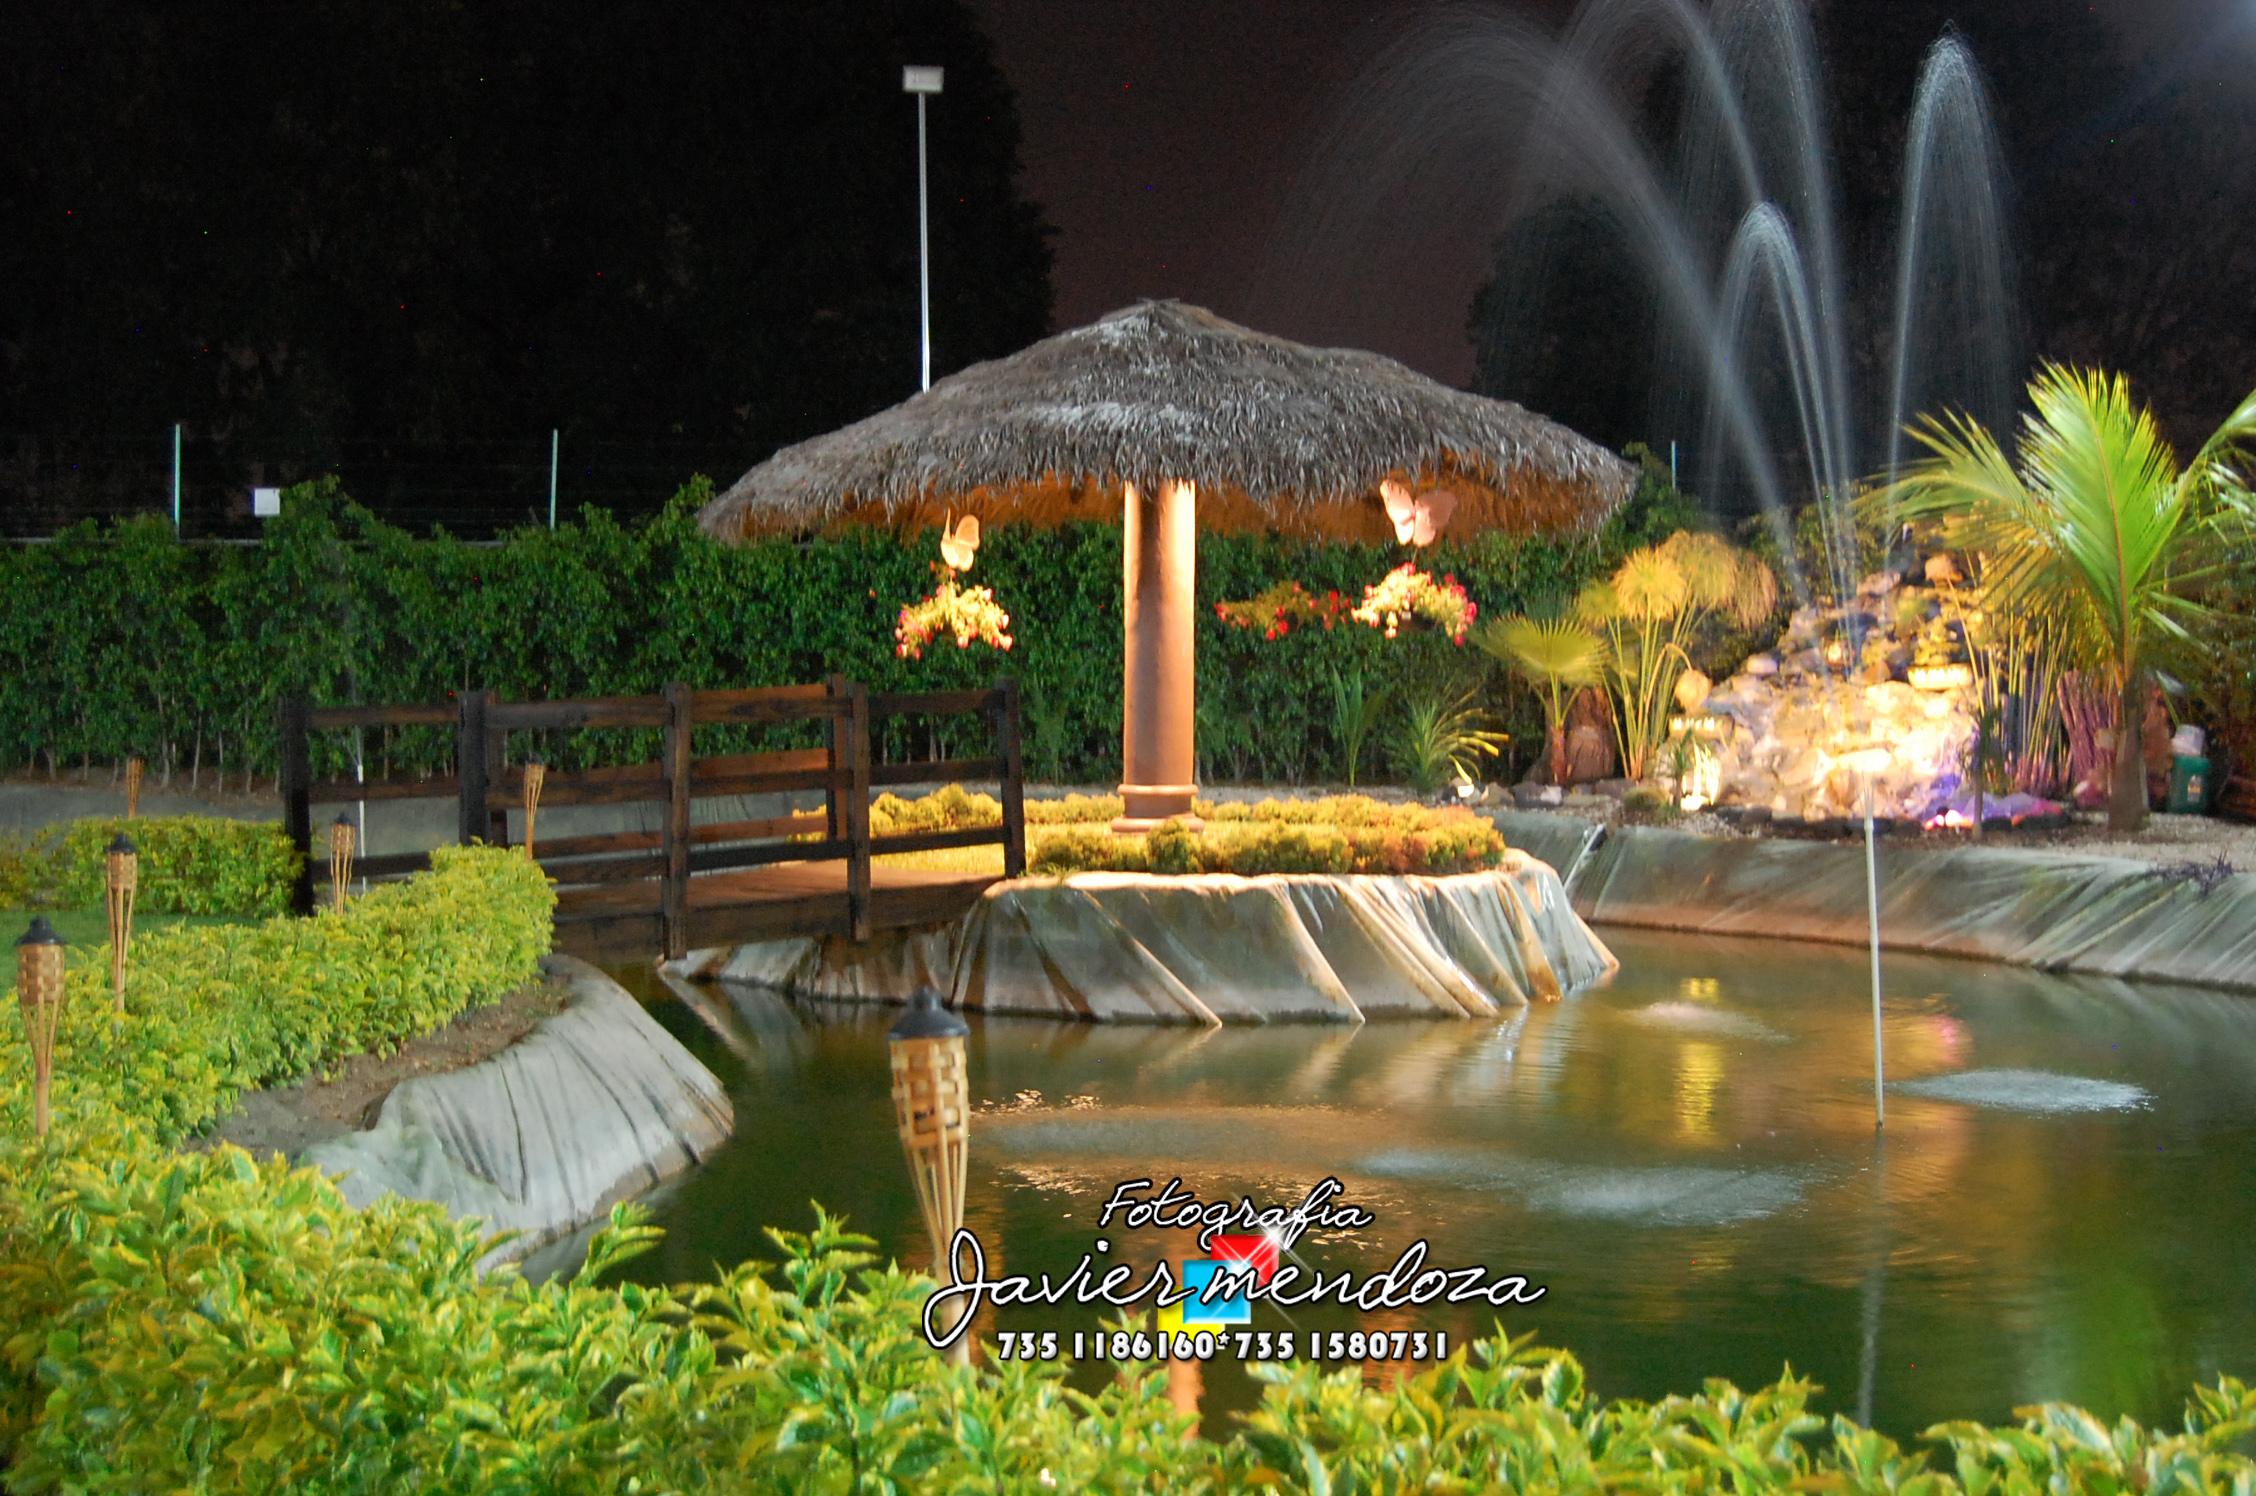 Salon jardin el lago de los sue os cuautla morelos for Bodas sencillas en jardin